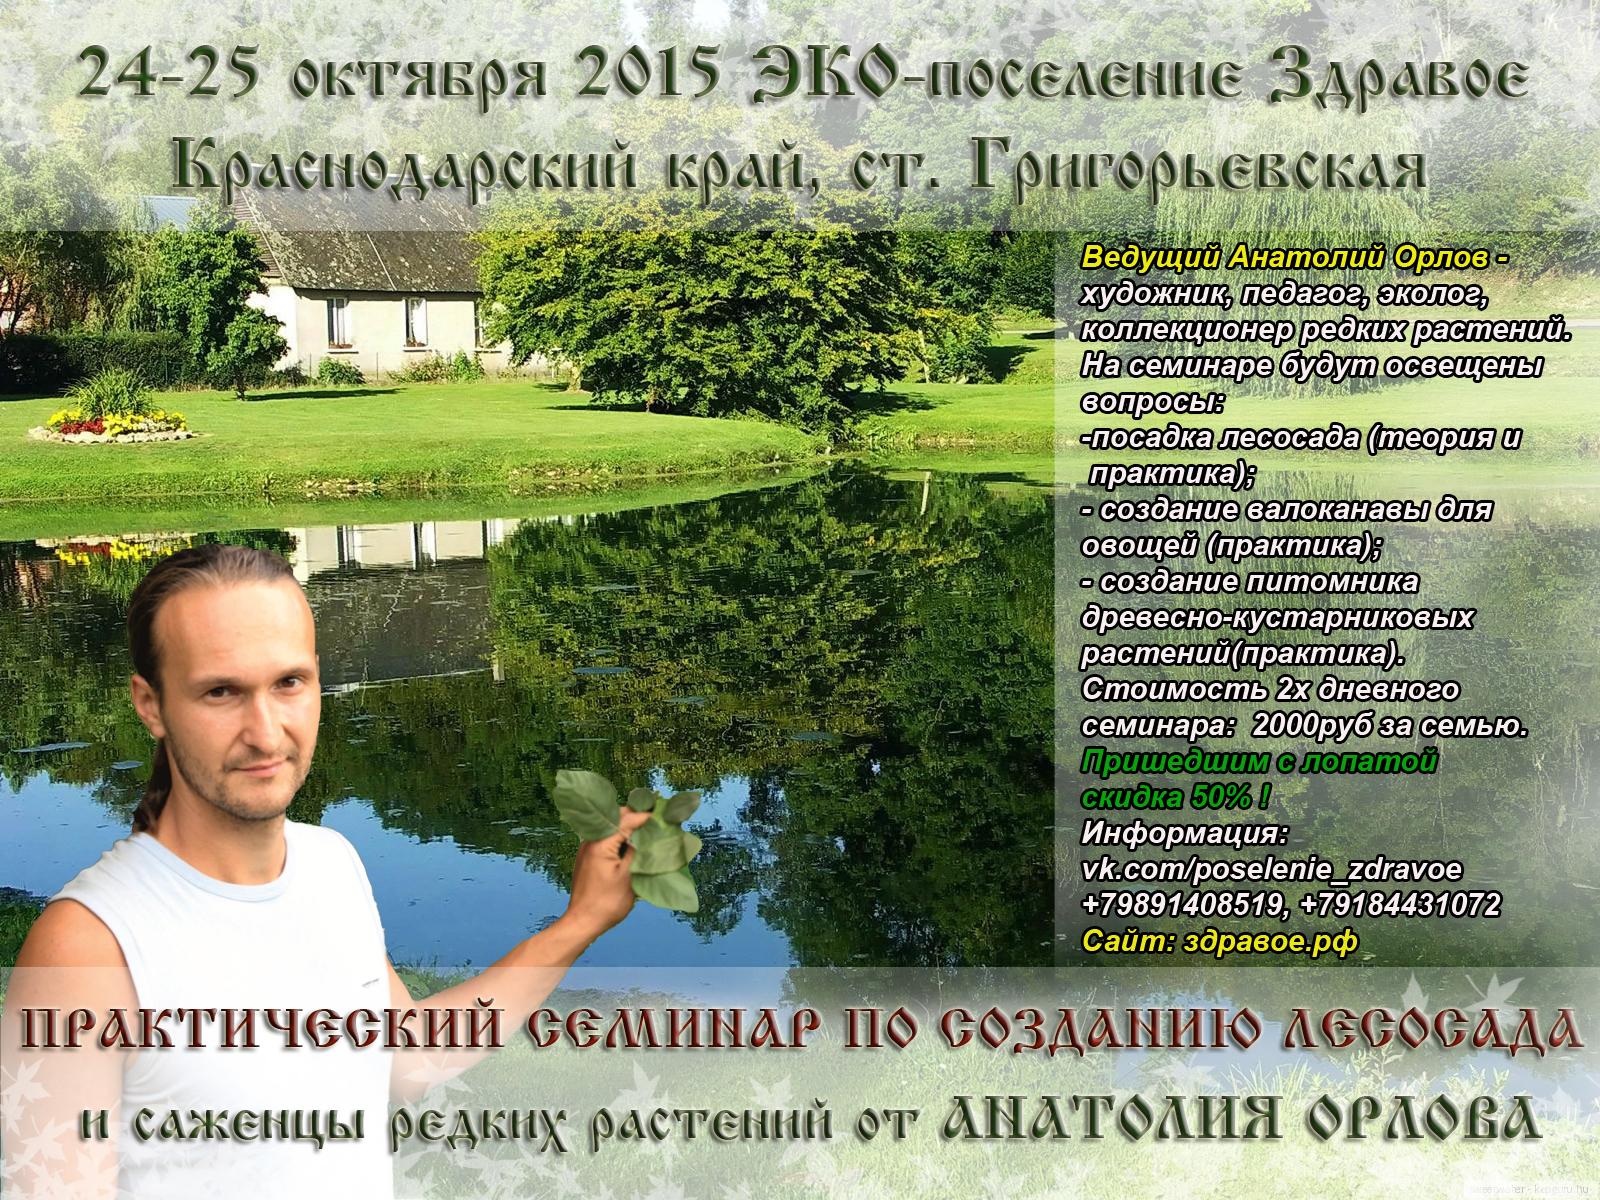 афиша семинар лесосад